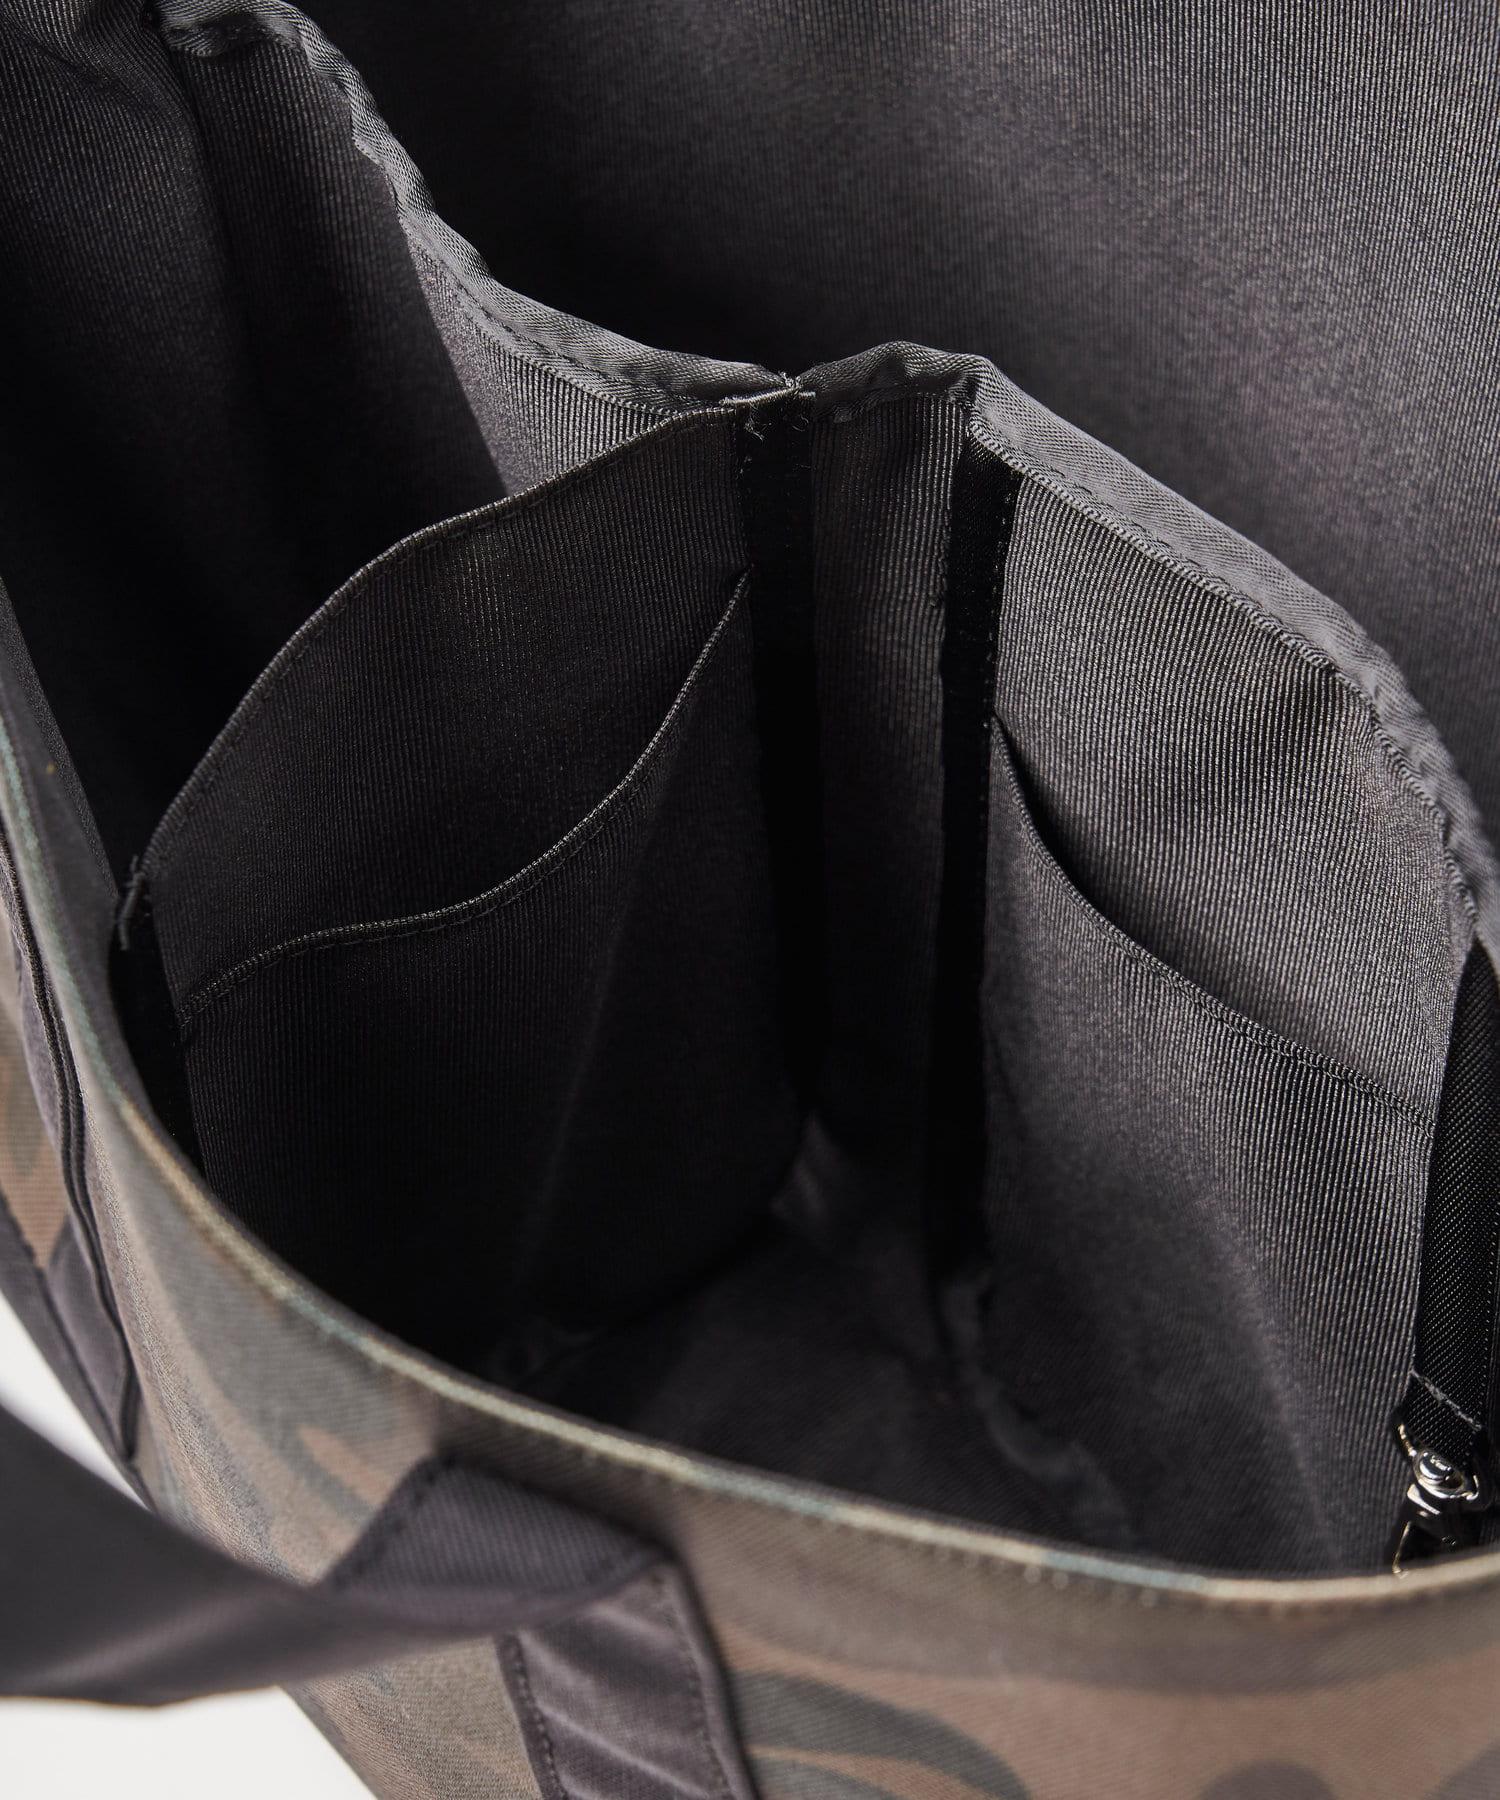 BIRTHDAY BAR(バースデイバー) JELLY スマイル パーテーショントート / 仕切りつきバッグ